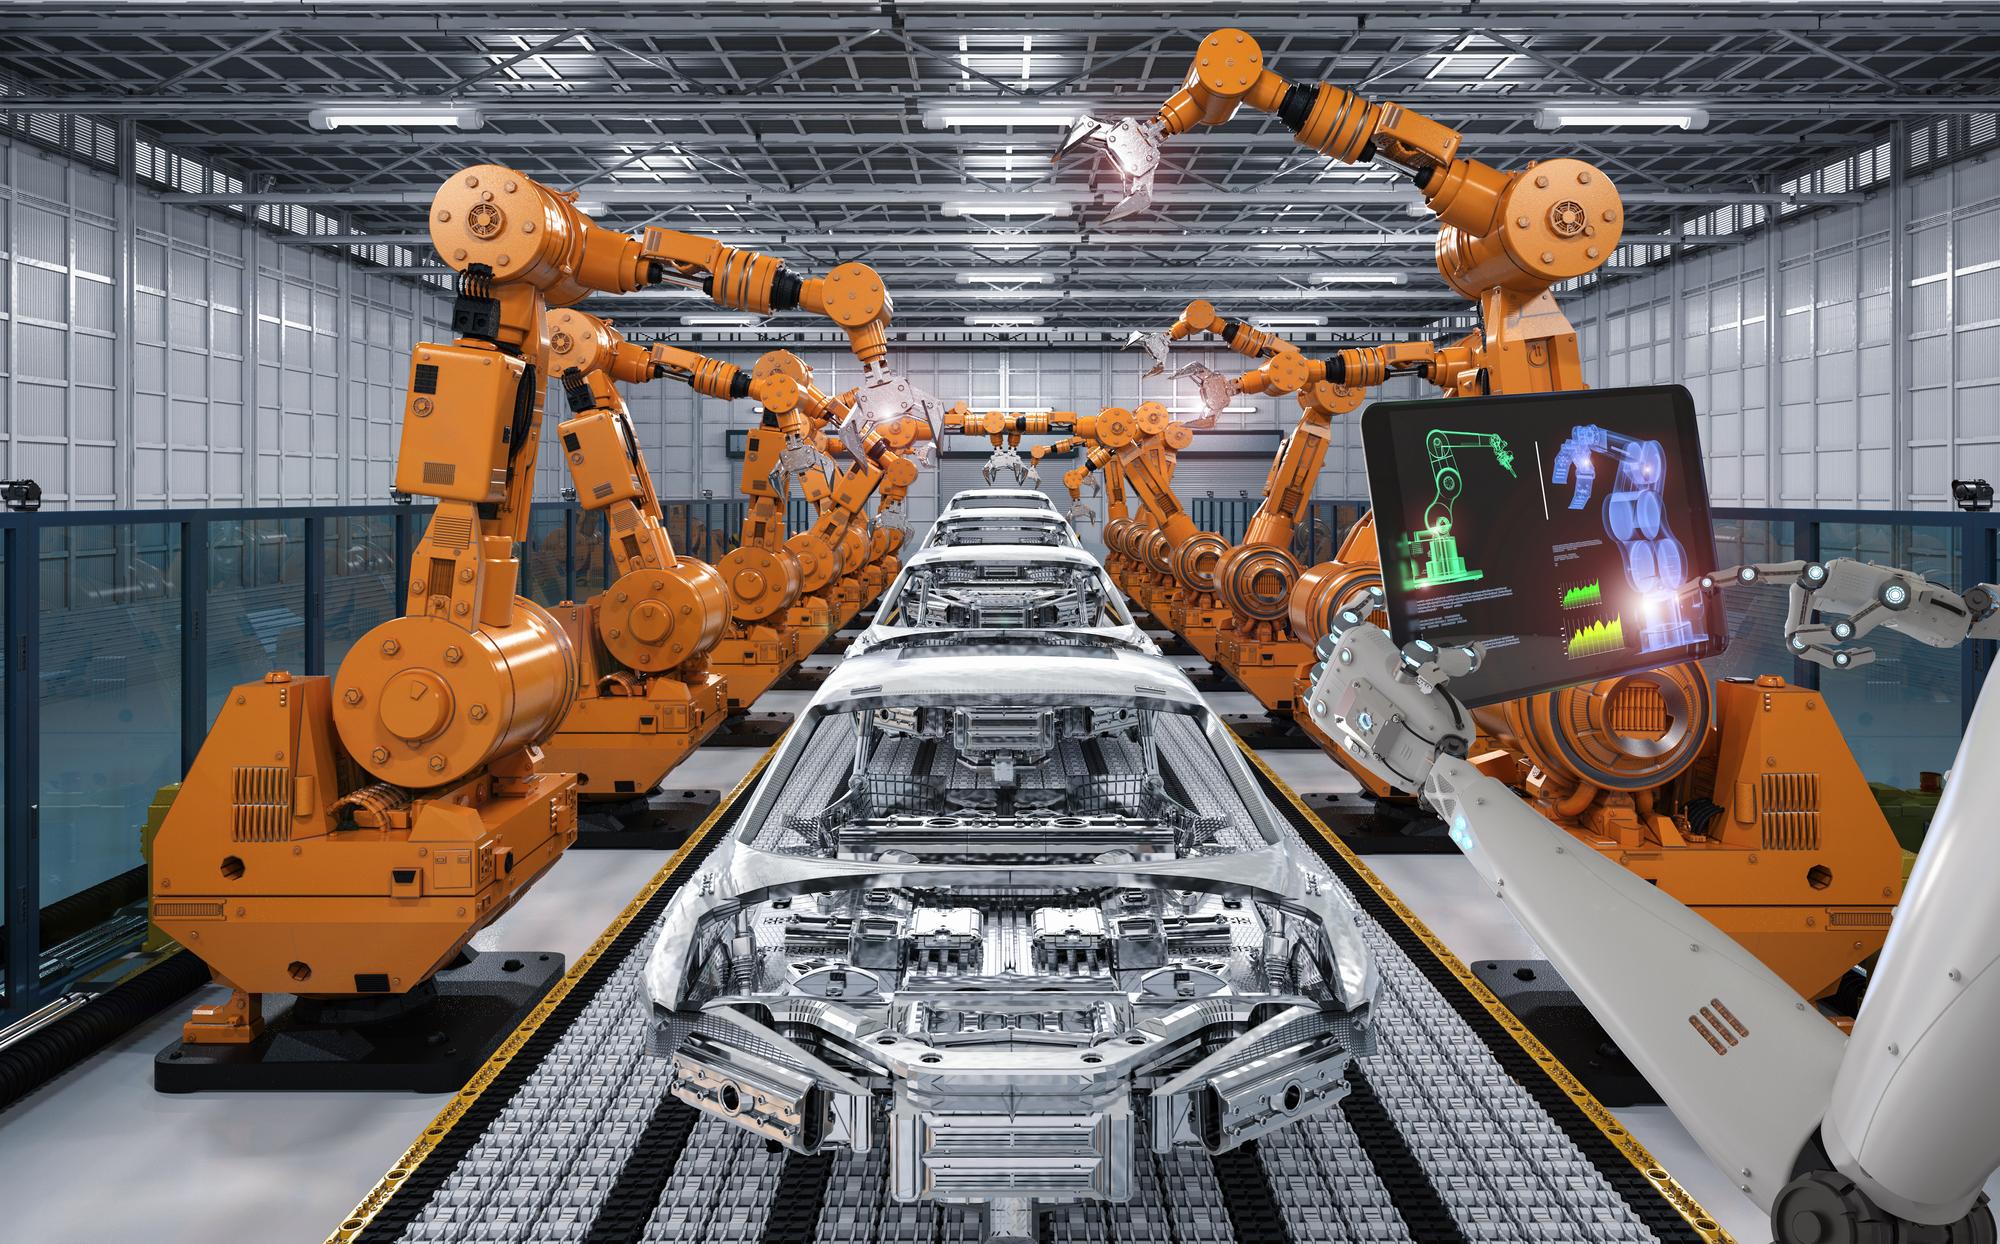 ロボットの種類と産業用ロボットの制御・プログラミング方法